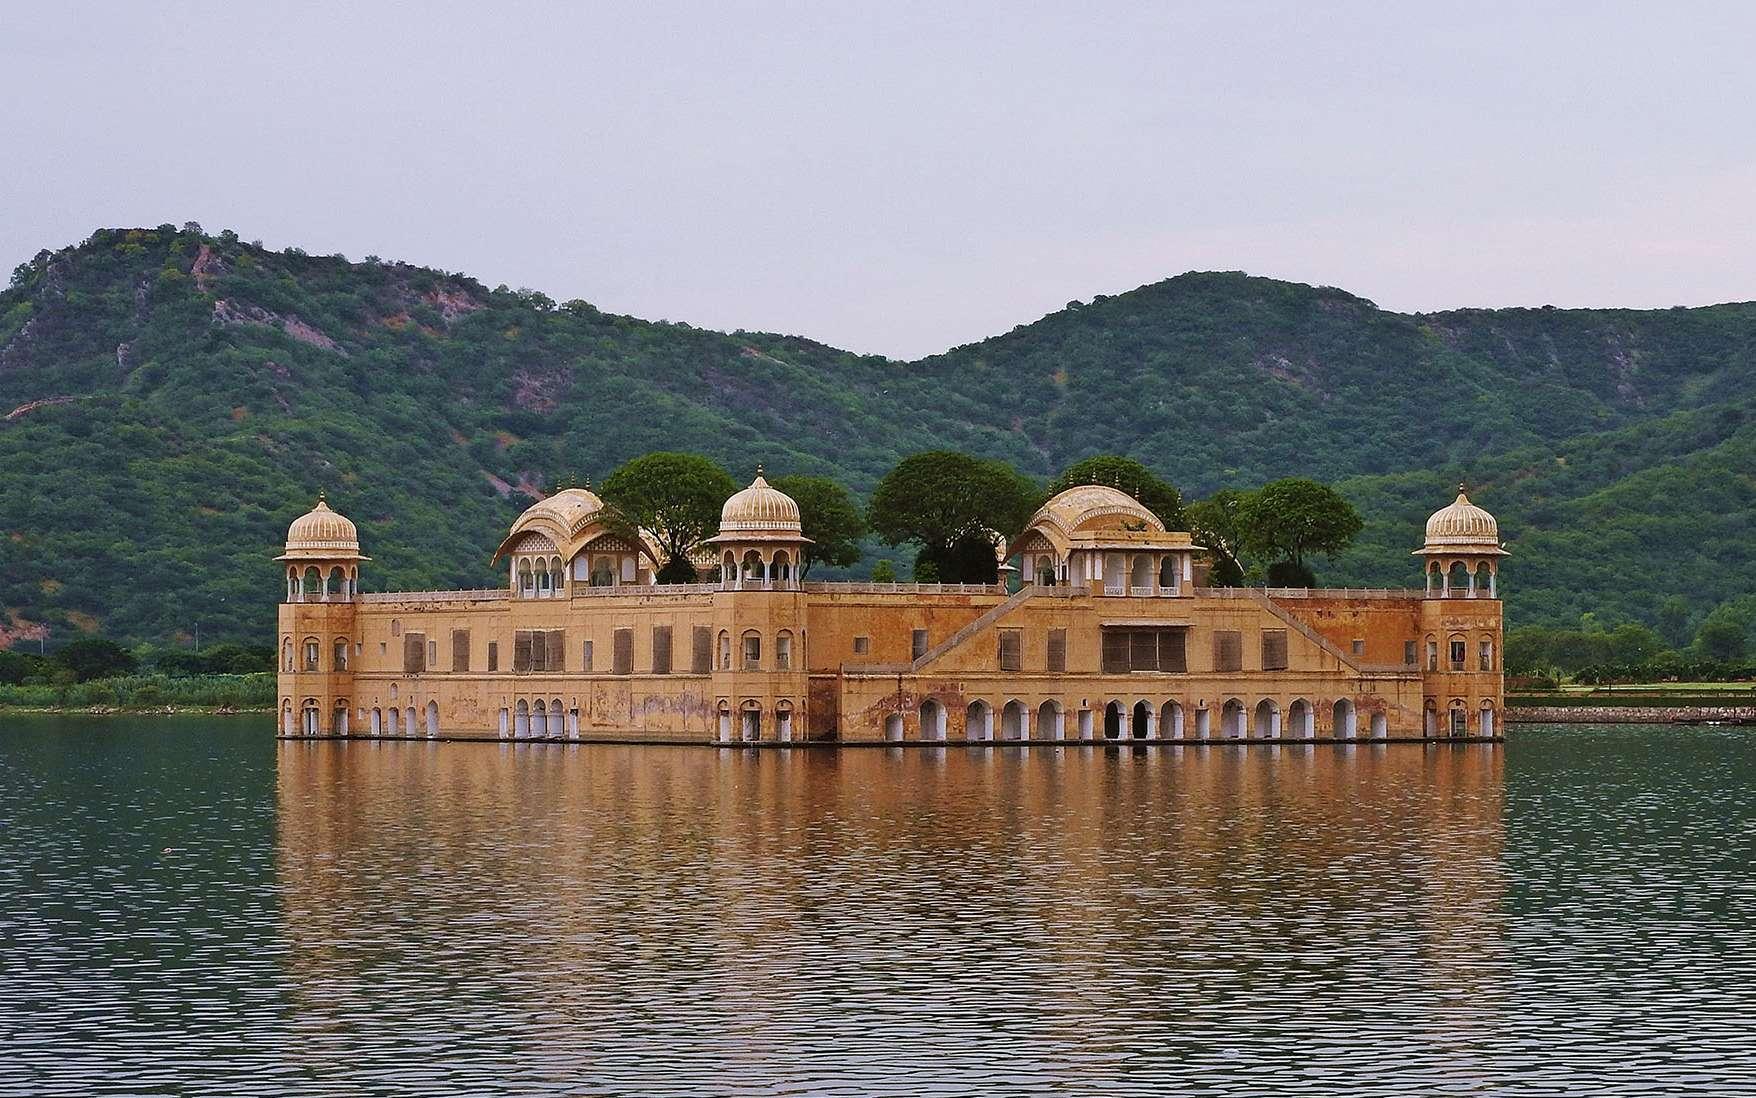 Contrairement au Taj Mahal, dit le palais de la couronne, le Jal Mahal est peu connu. Littéralement « palais sur l'eau », il est situé dans le nord de l'Inde, et plus précisément à Jaipur, une ville du Rajasthan. Ce palais a été construit au XVIIIe siècle pour le Maharaja, le roi de l'Inde, afin d'être son palais d'été. Or, dans ce pays où les températures peuvent monter jusqu'à 40 °C en saison pré-mousson, il convient de pouvoir vivre dans un endroit frais. Ainsi, un barrage a été érigé dans le seul but de créer un lac autour du palais. Quel meilleur moyen d'être rafraîchi ?Jal Mahal, à Jaipur, en Inde. © Ajit Kumar Majhi, Wikimedia commons, CC by-sa 4.0